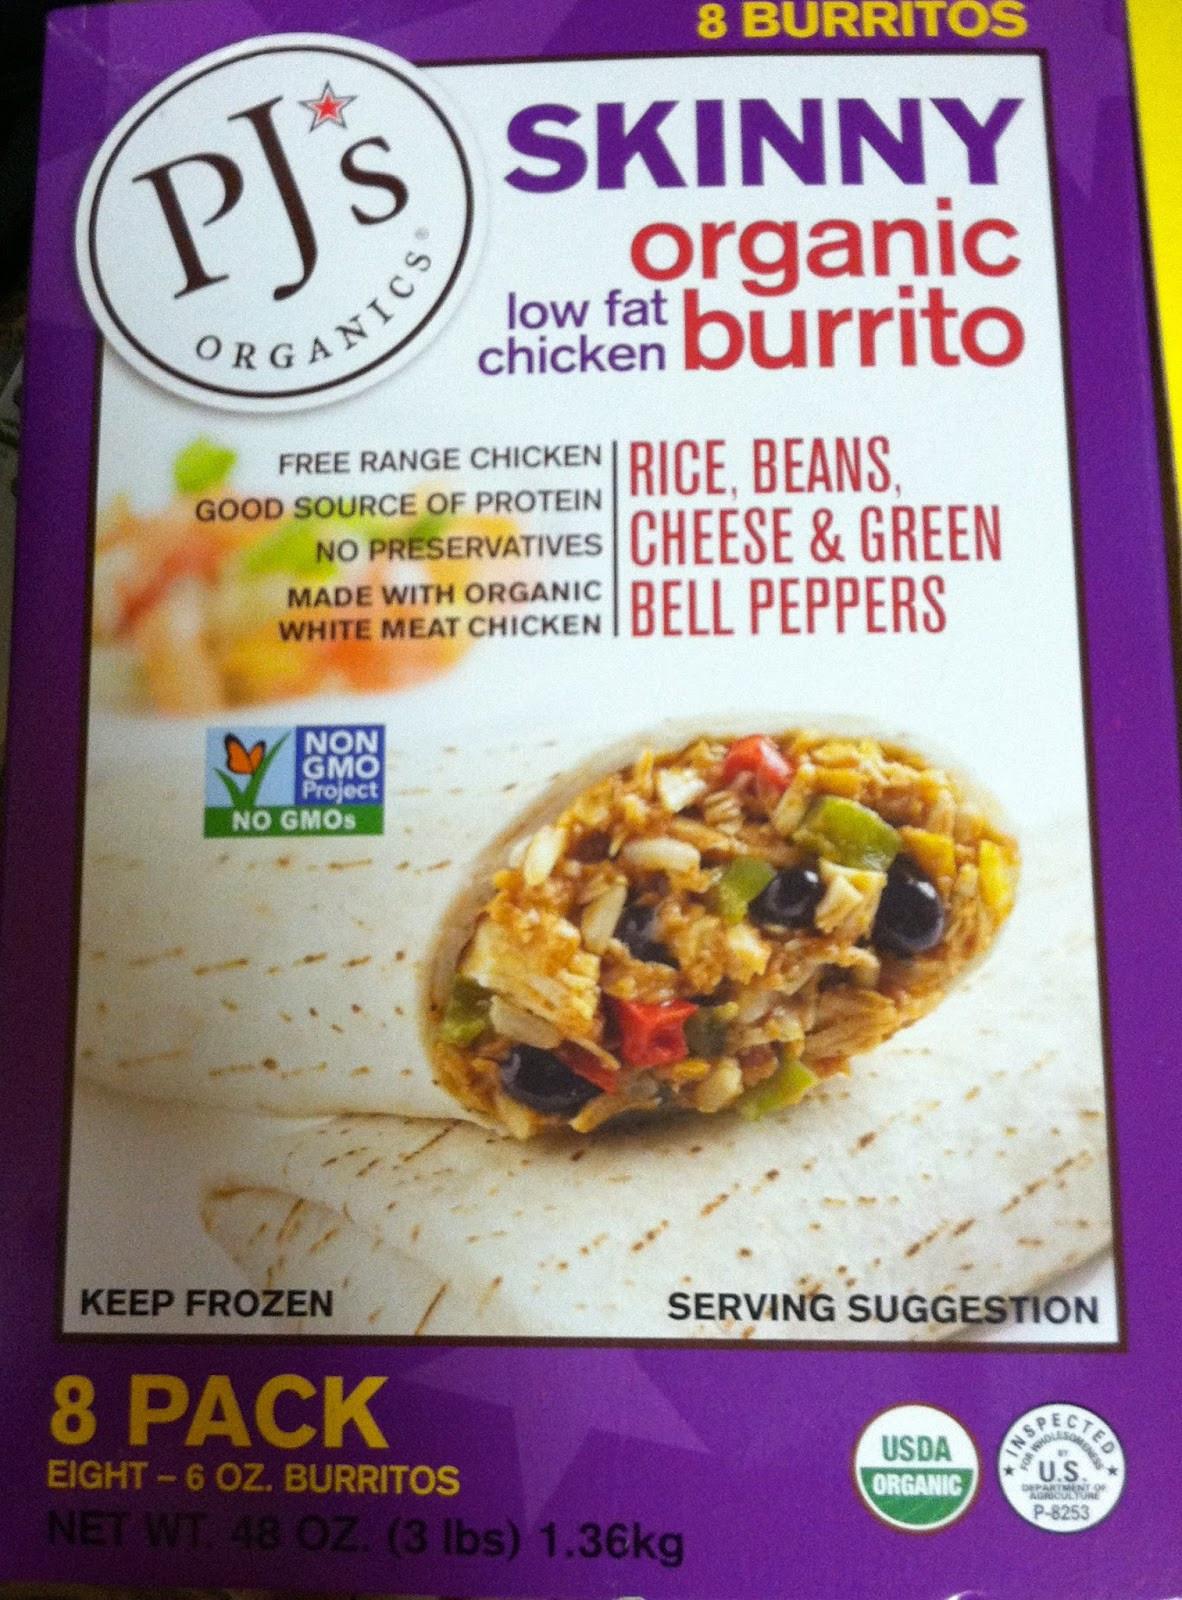 Pjs Organic Burritos  Julia s Re mendations PJ s Skinny Organic Burrito